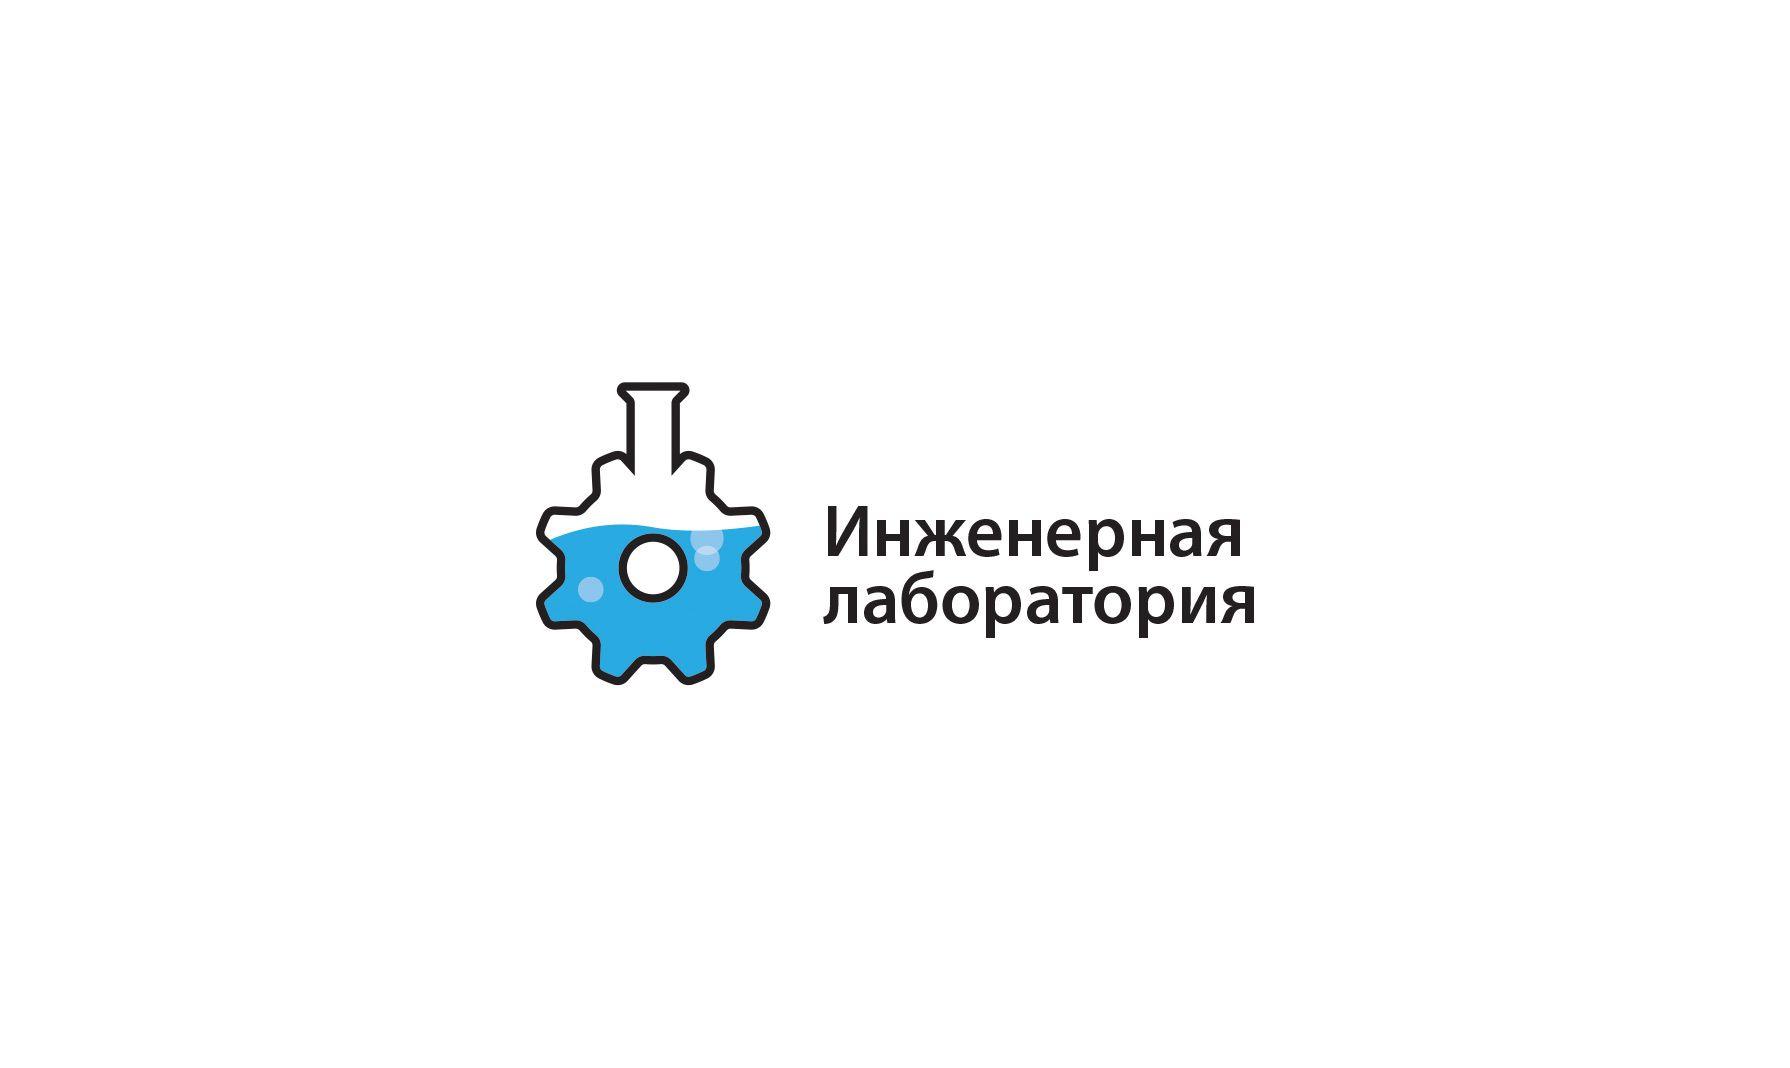 Лого и фирменный стиль для Инженерная лаборатория  - дизайнер ChameleonStudio